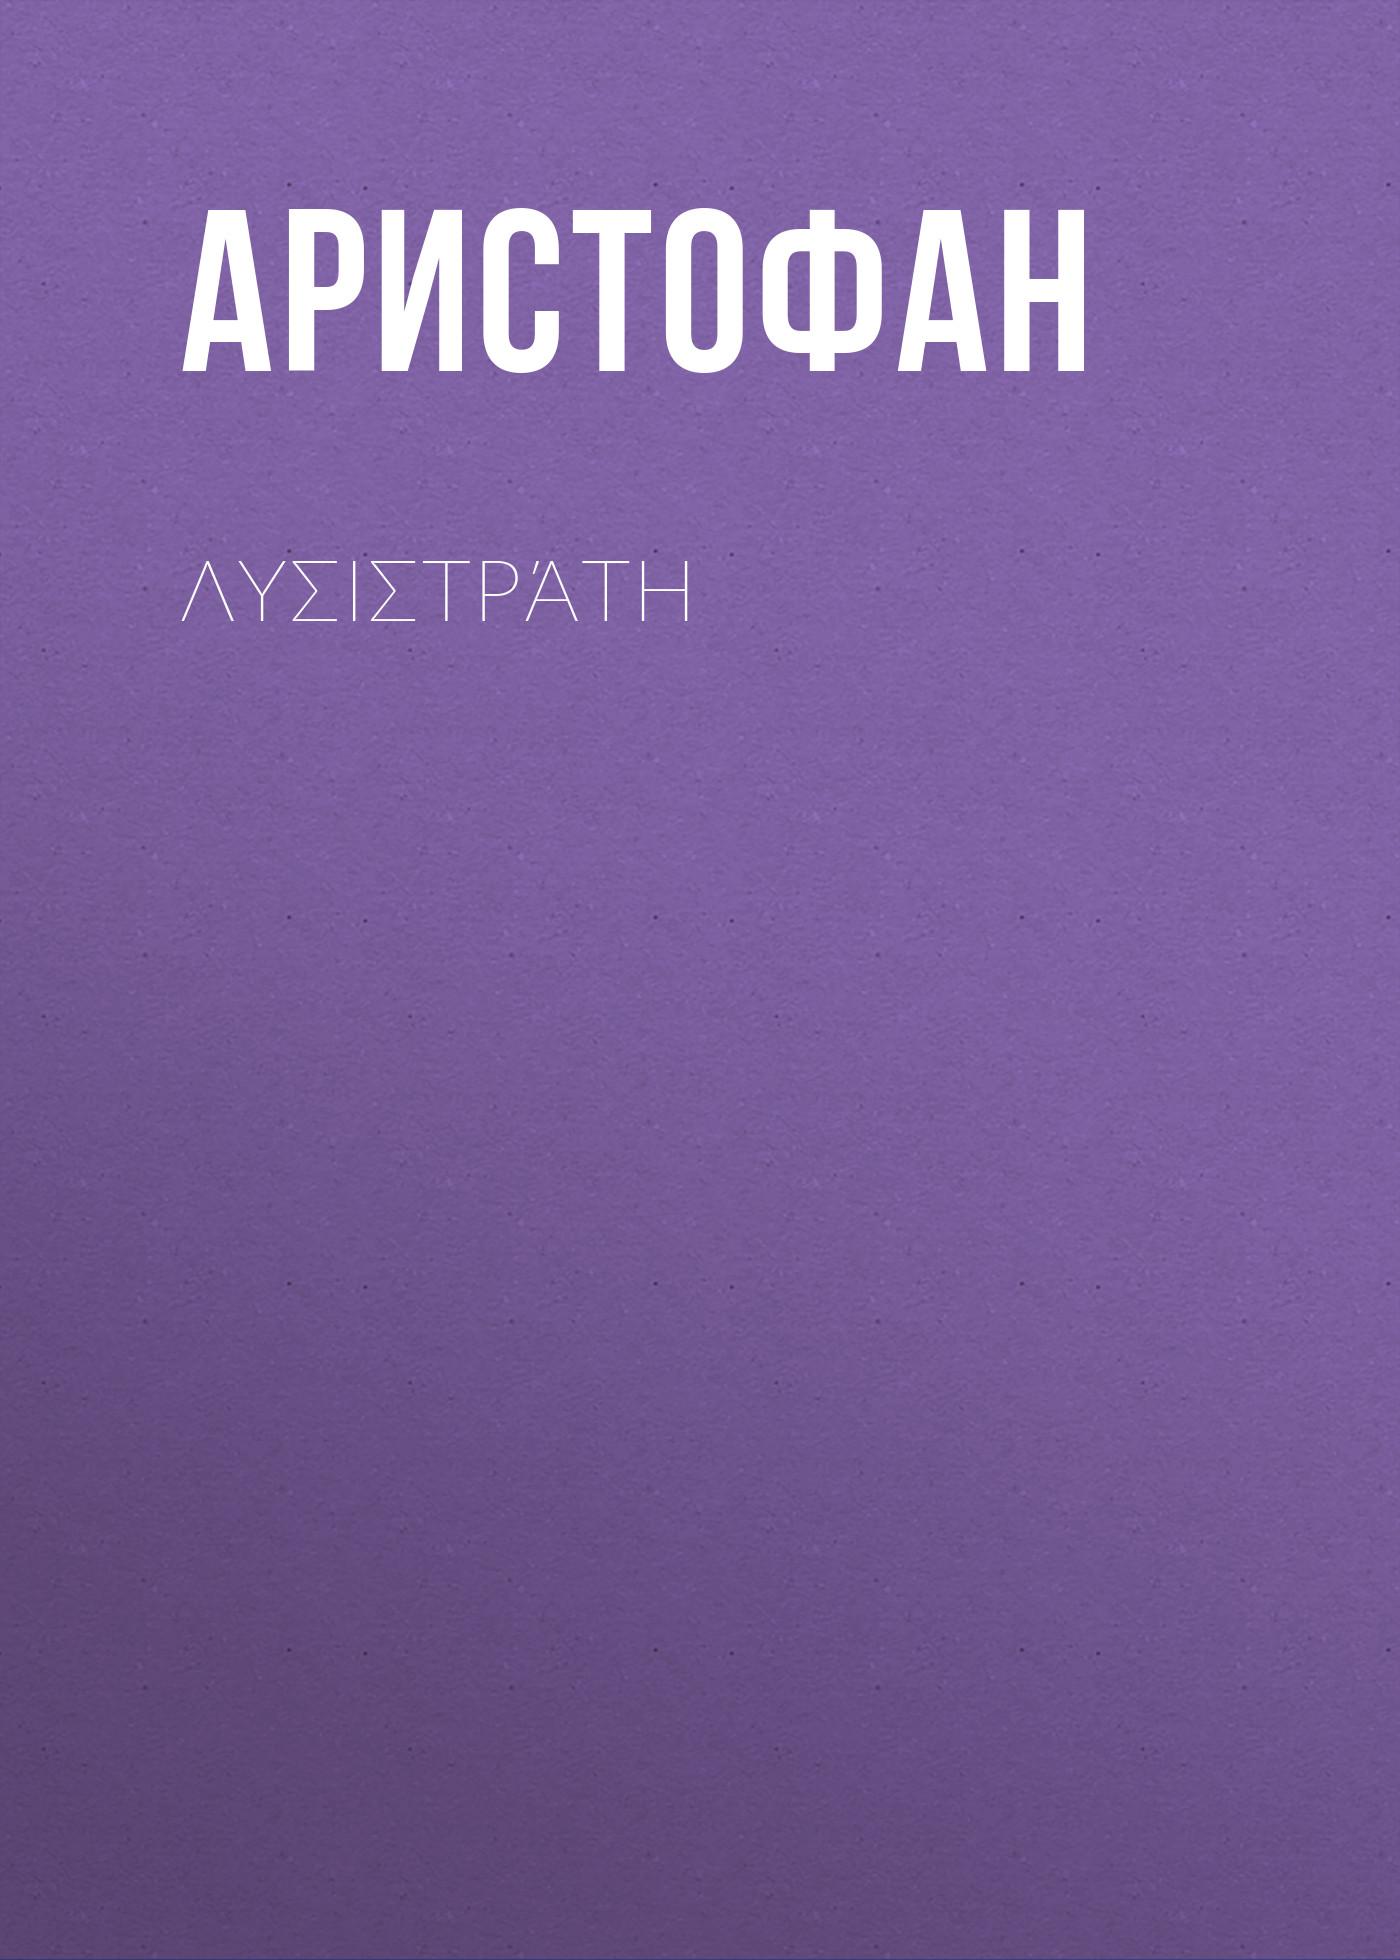 Аристофан Λυσιστράτη аристофан aristophanis lysistrata